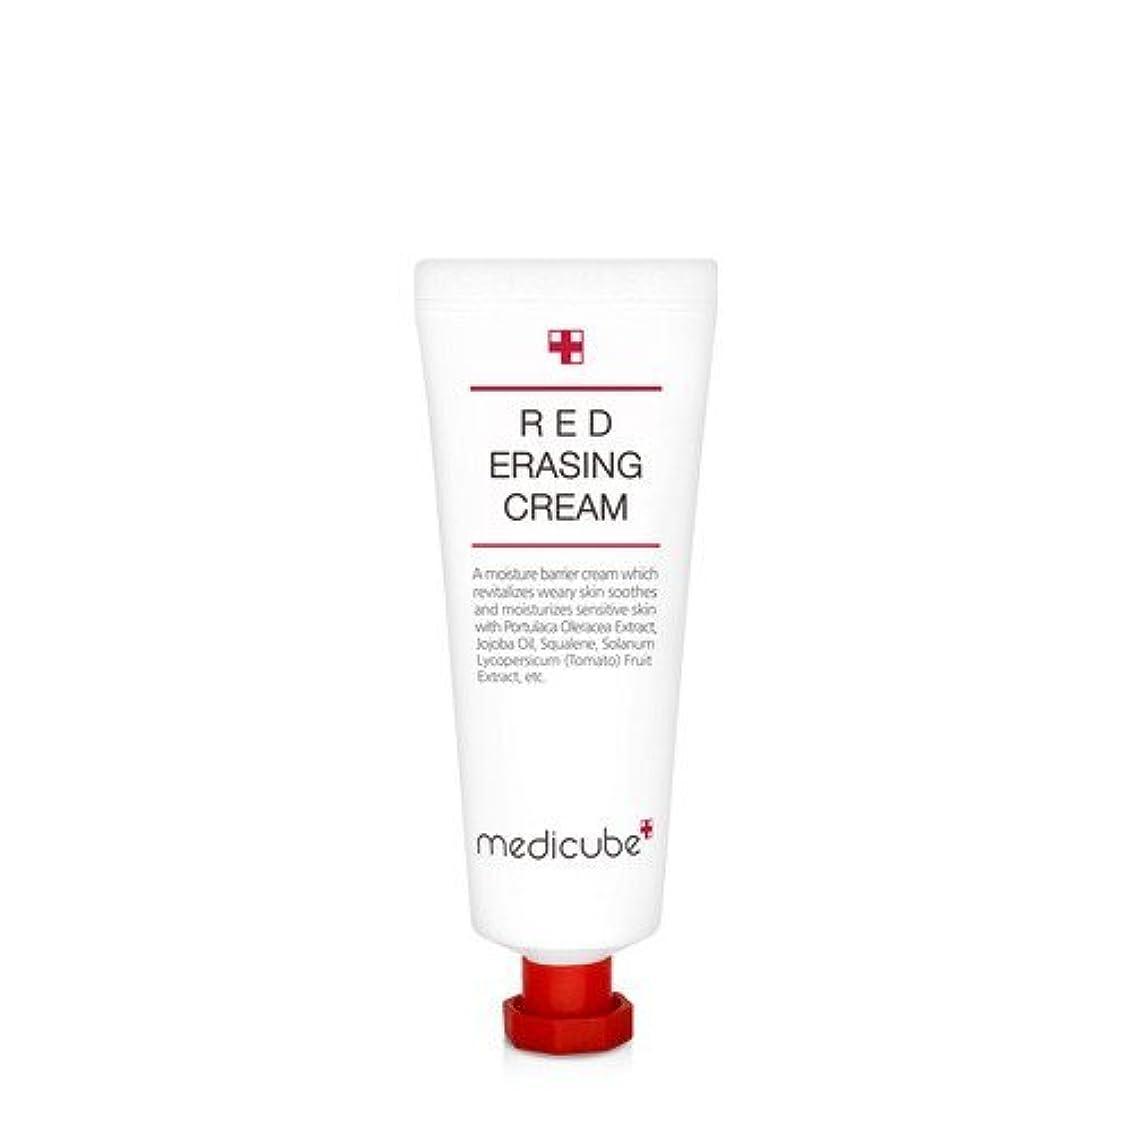 移民ブート太字[Medicube]Red Erasing Cream 50g / メディキューブレッドイレイジングクリーム / 正品?海外直送商品 [並行輸入品]